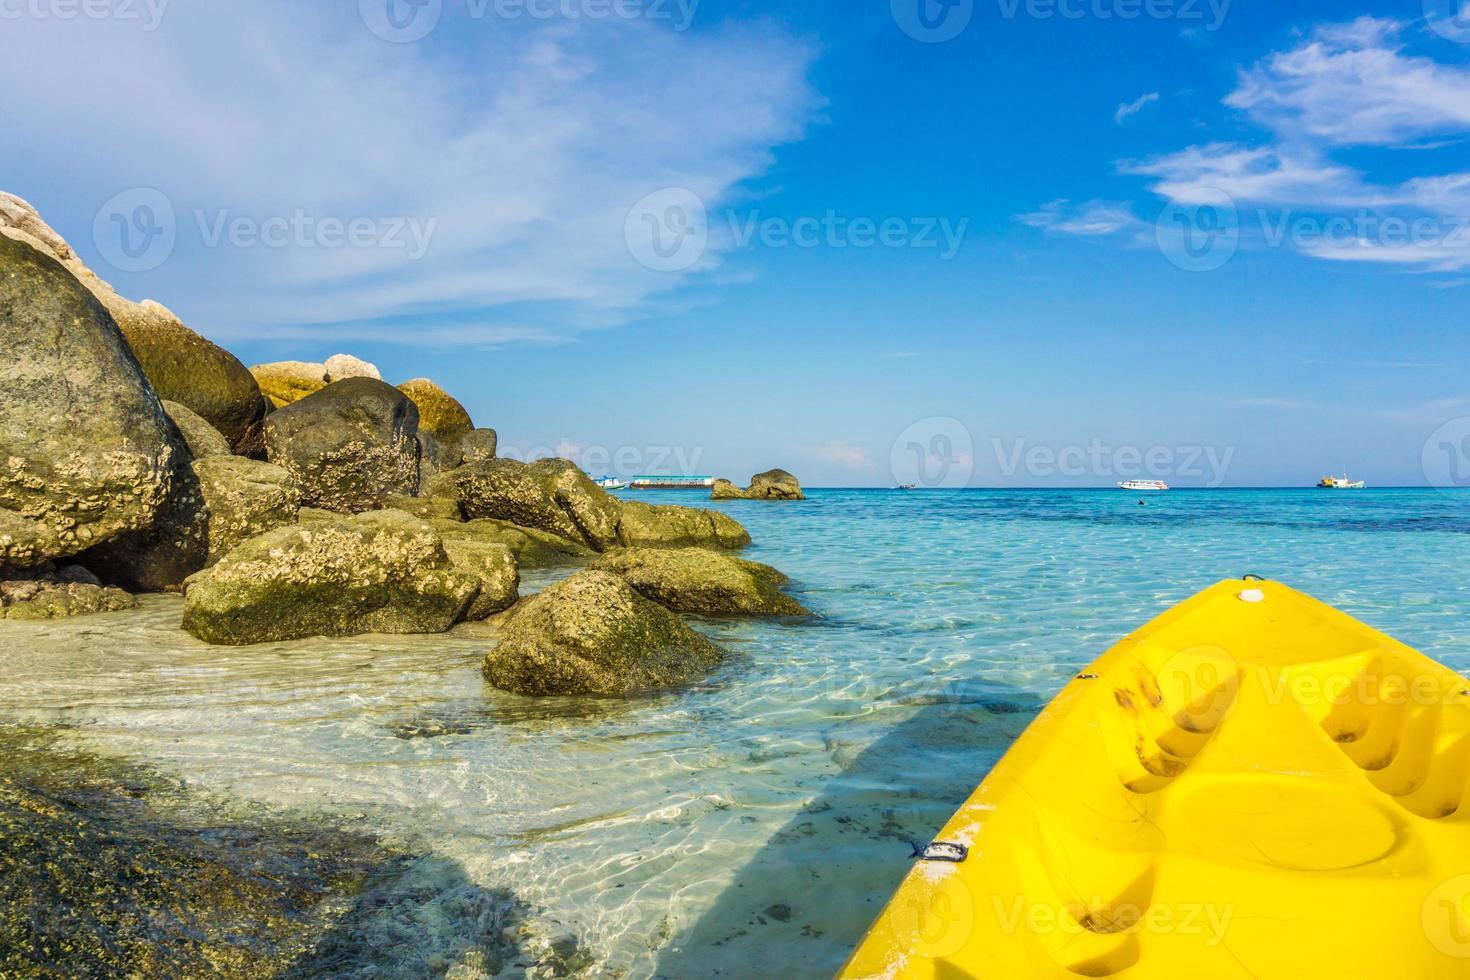 kayak en el mar en la isla de lipe foto